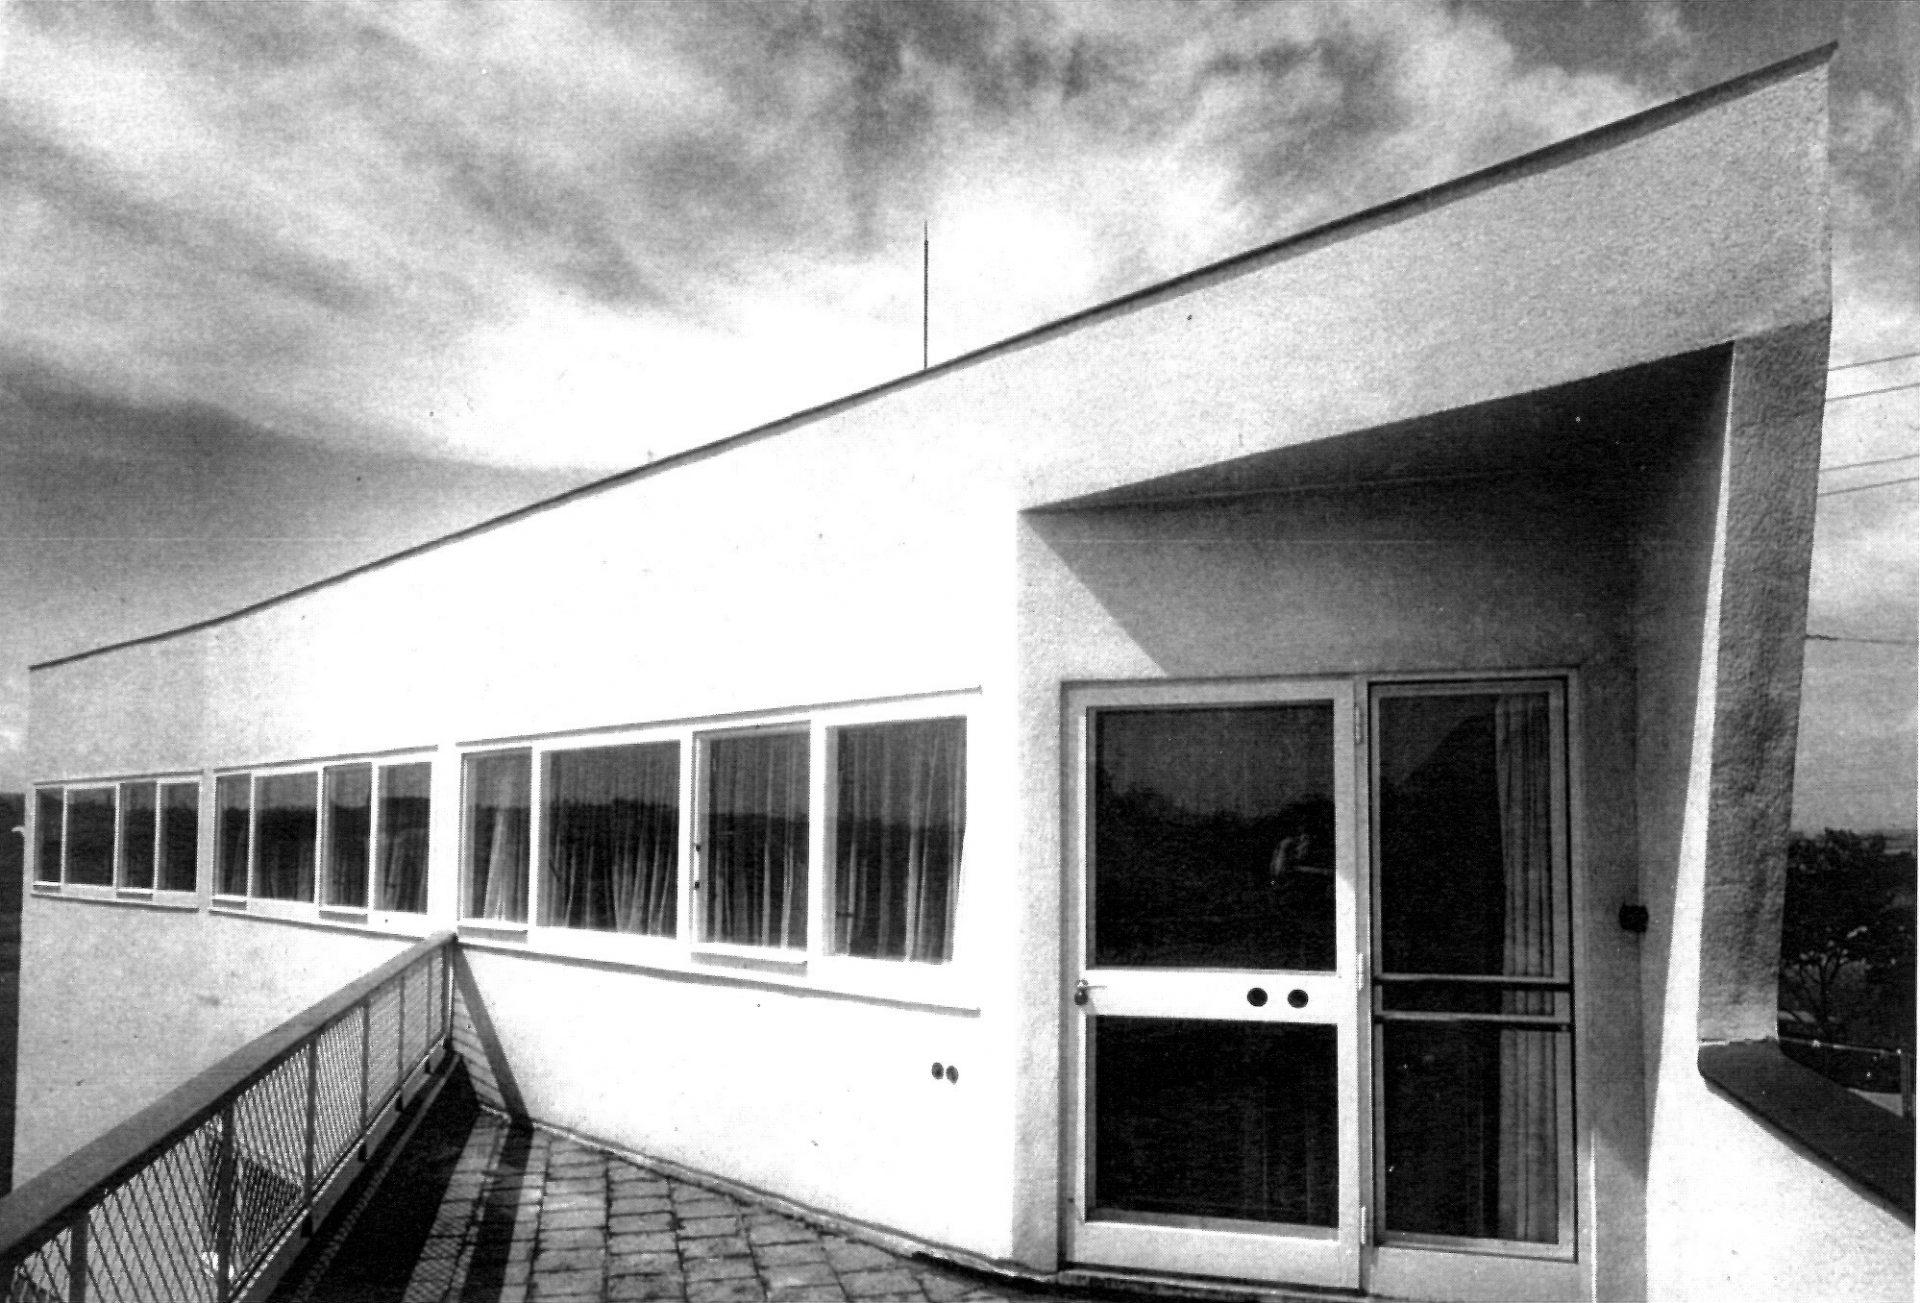 Очікування (від) архітектури. Модерністичні проекти у Чехословаччині, 1918-1939